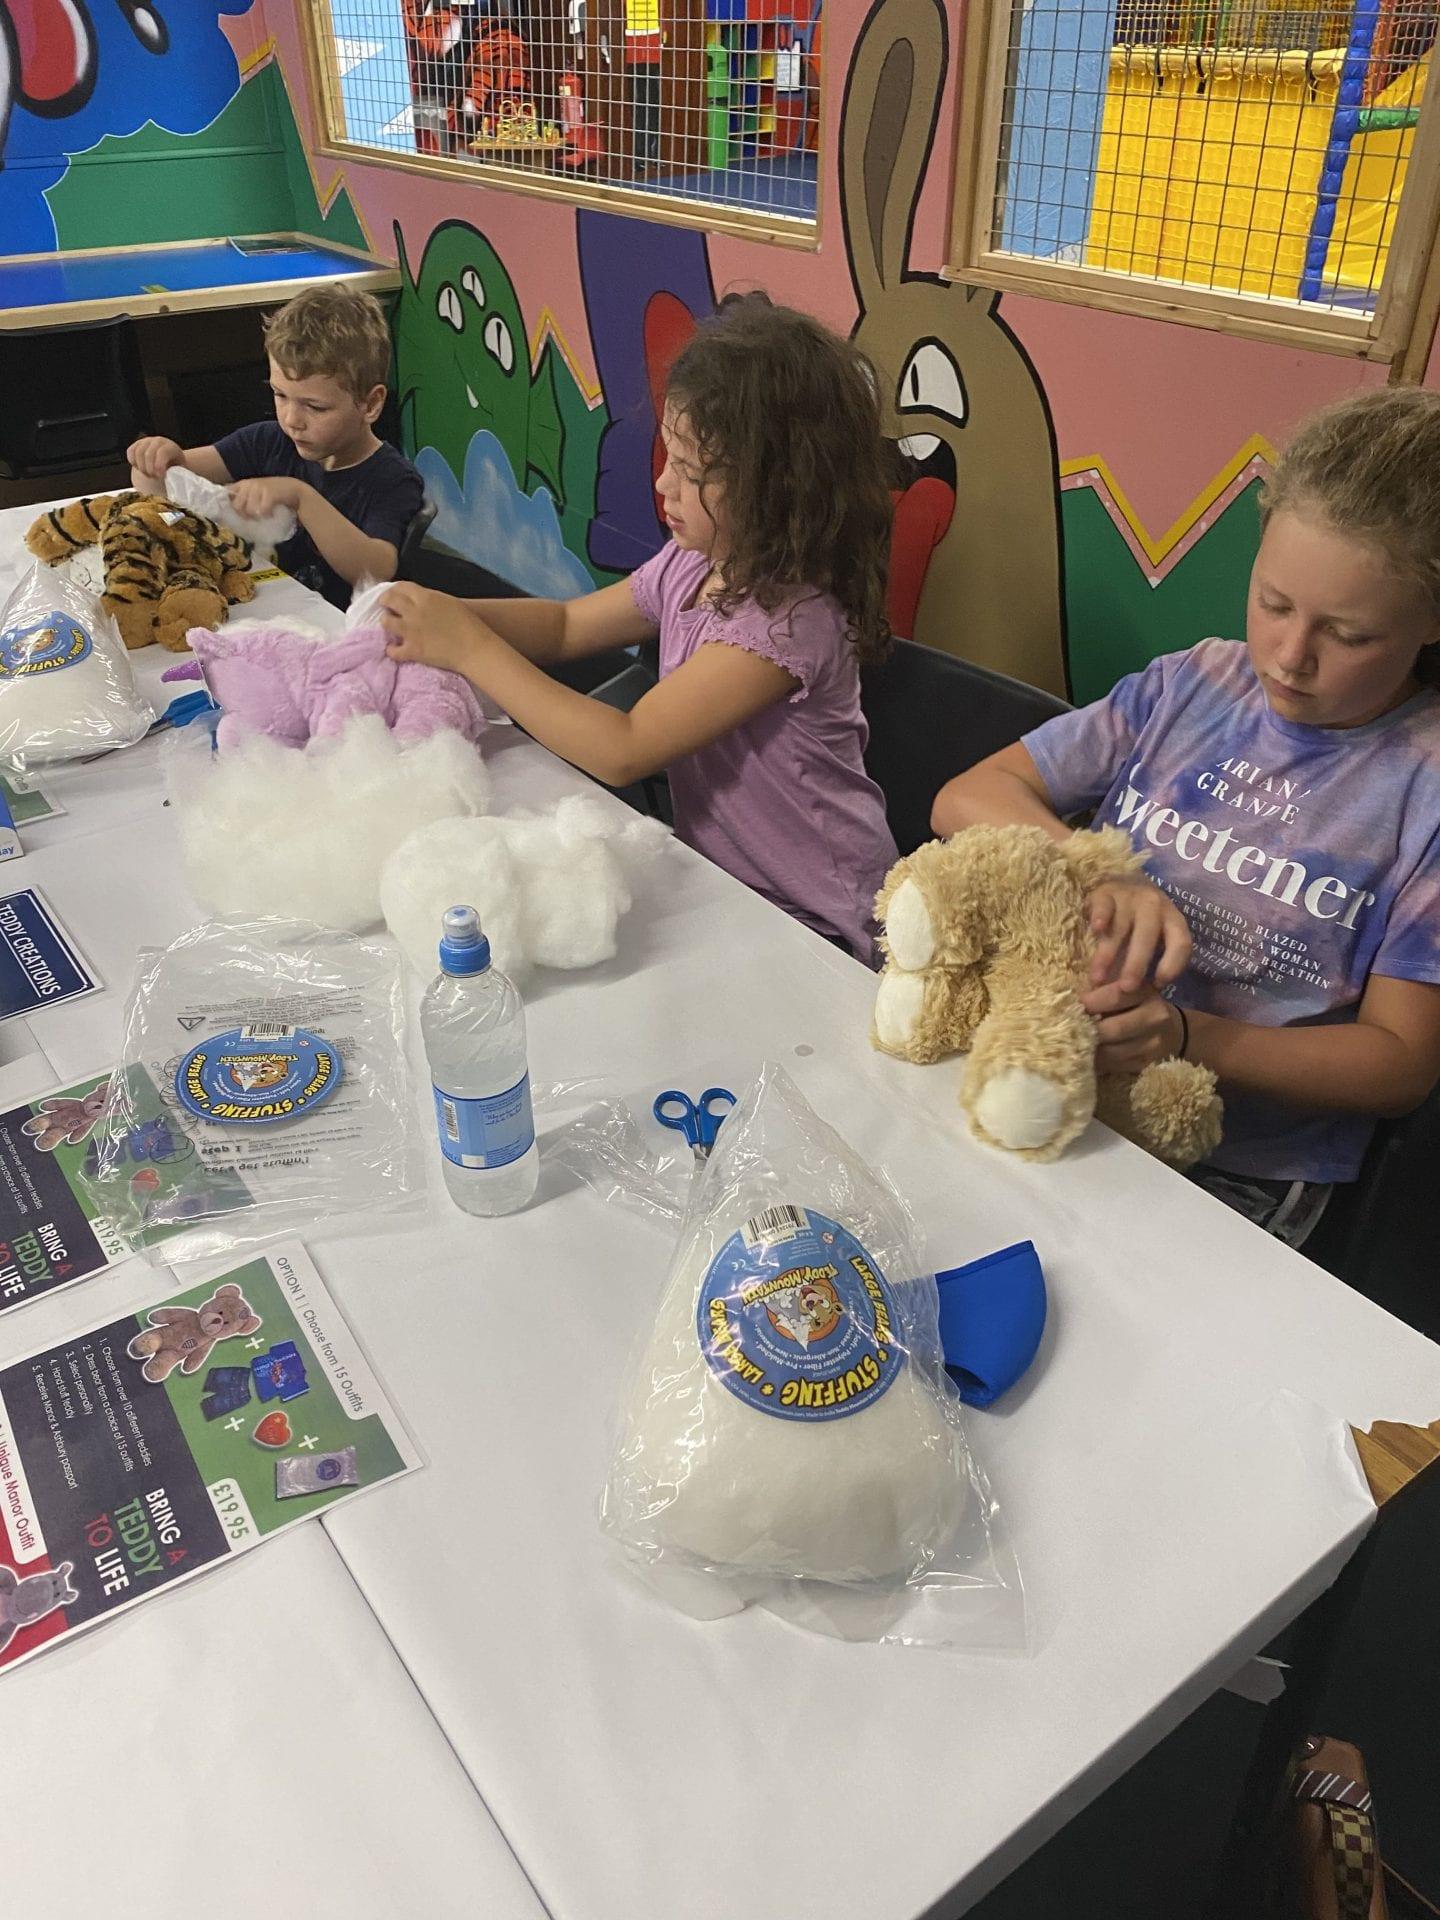 3 children making teddy bears